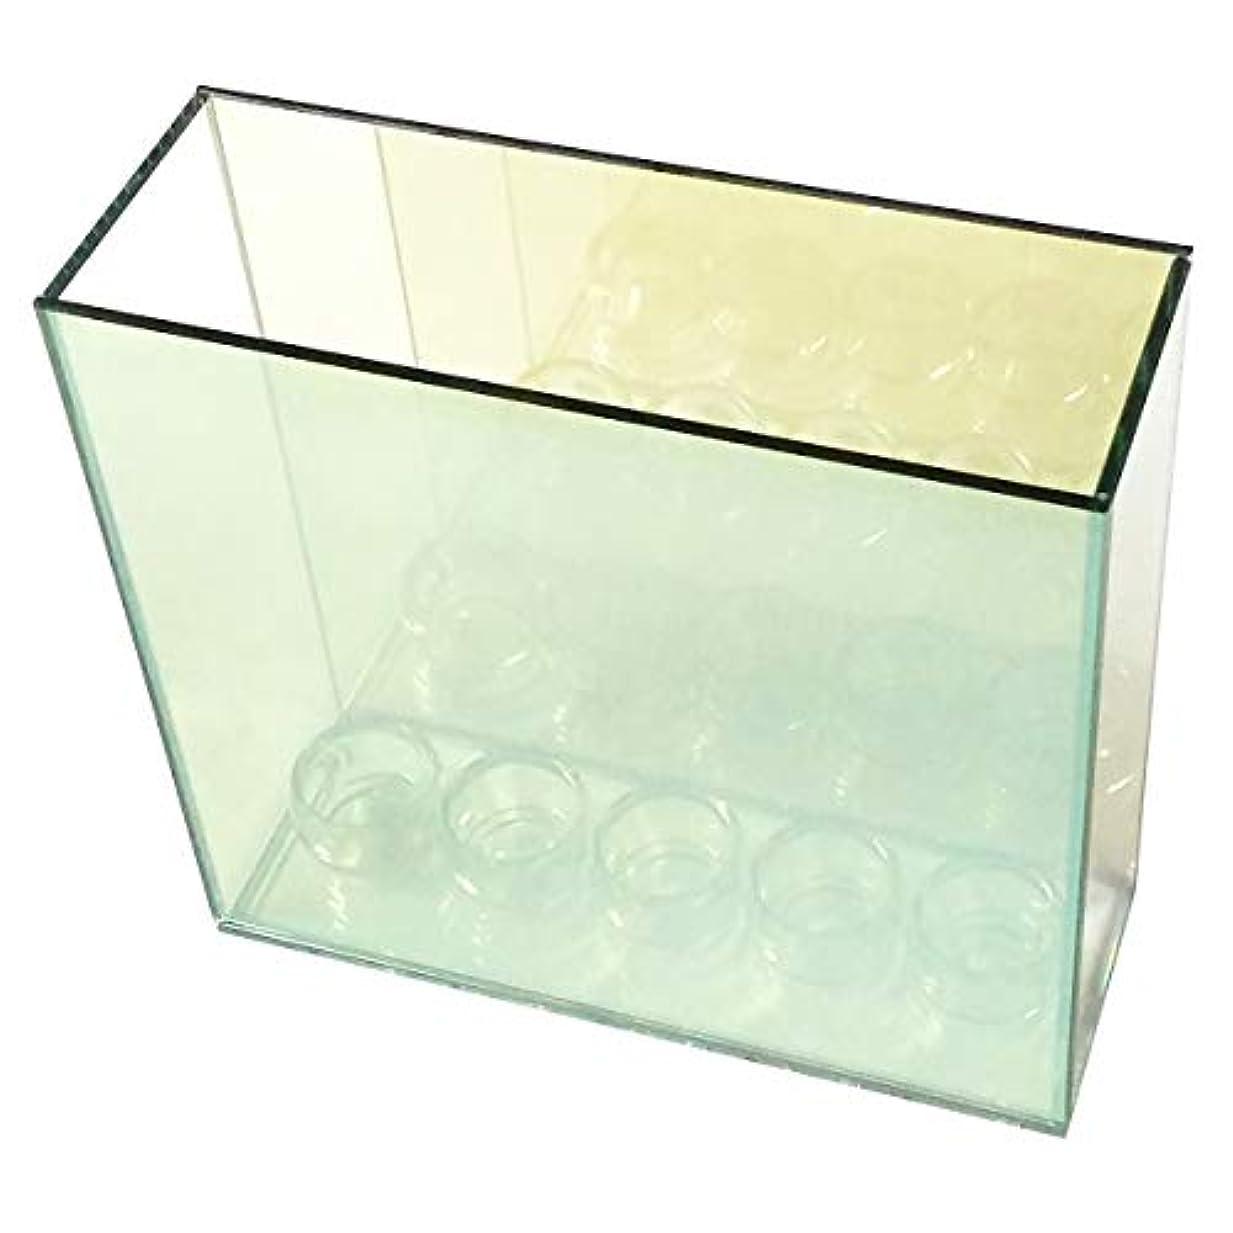 バレエ願う竜巻無限連鎖キャンドルホルダー 5連 ガラス キャンドルスタンド ランタン ティーライトキャンドル